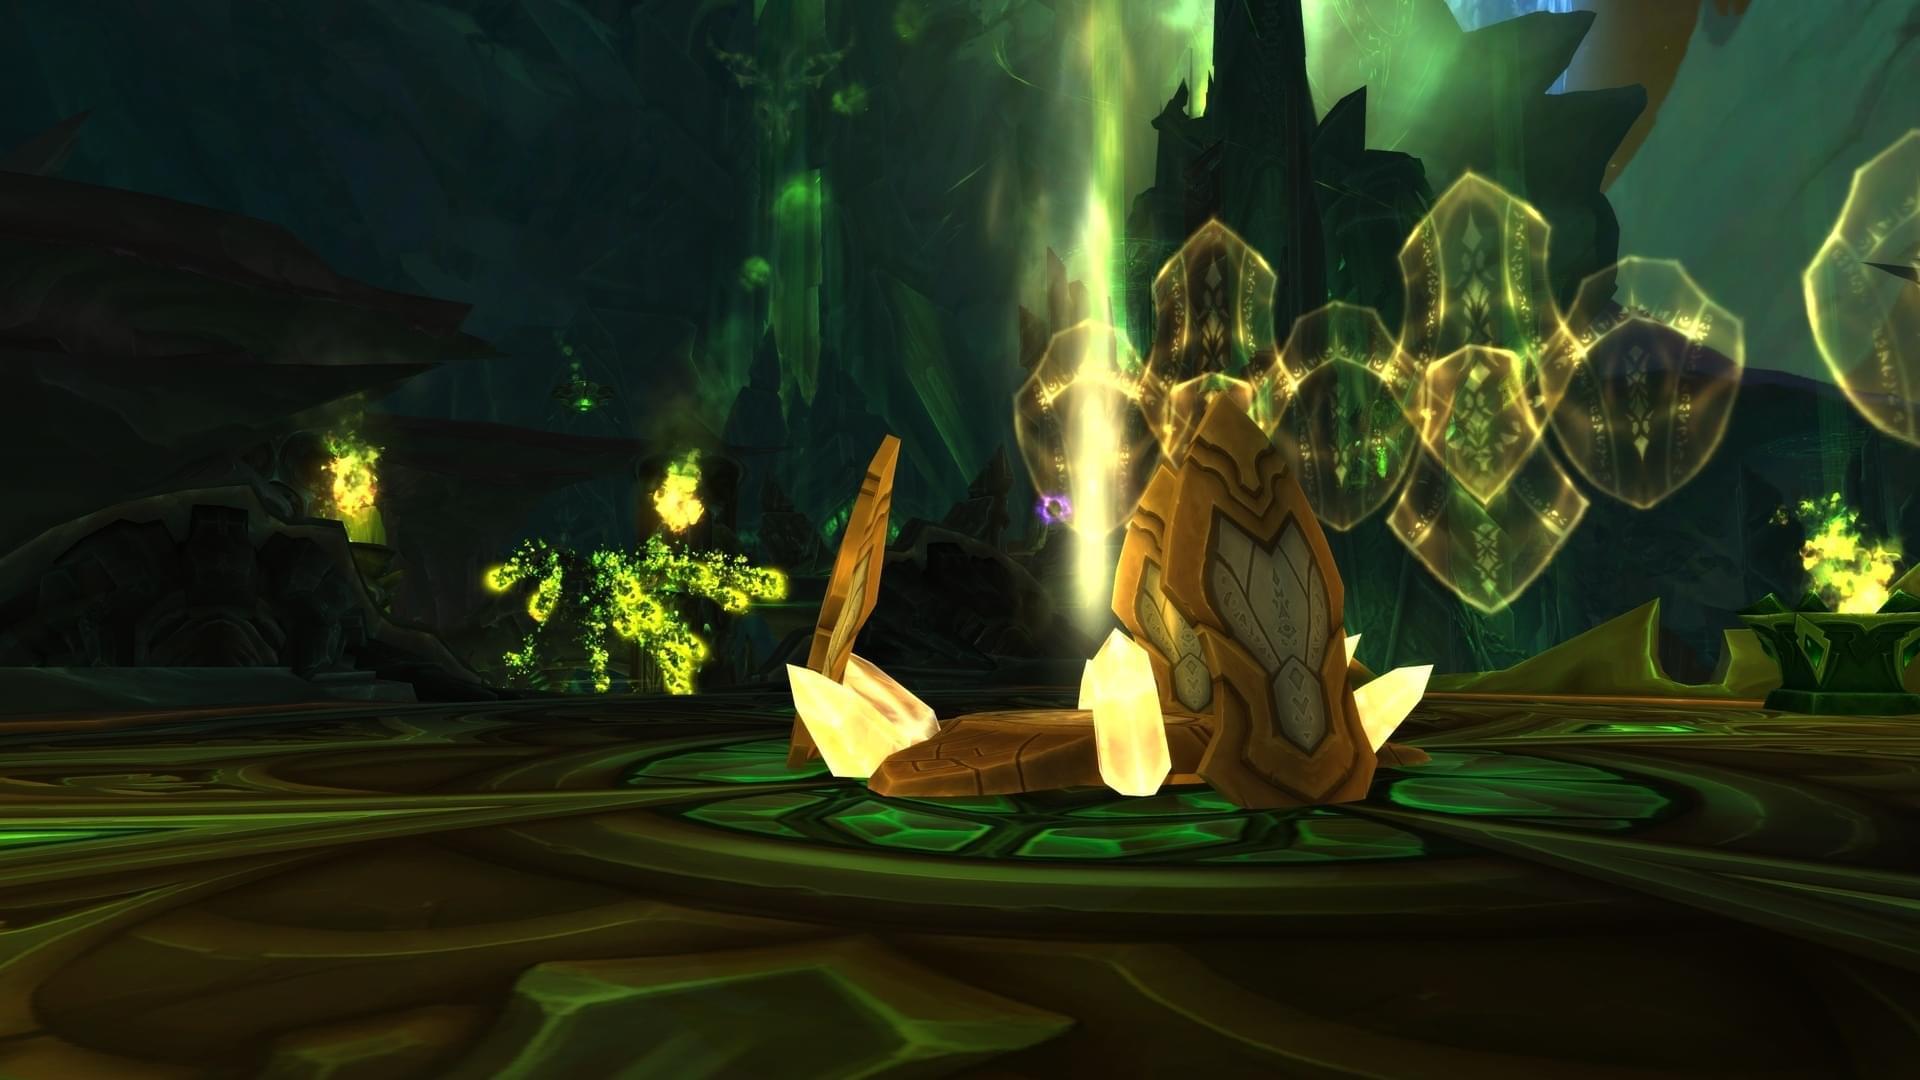 魔兽美服安托鲁斯·燃烧王座将与11月28日开启